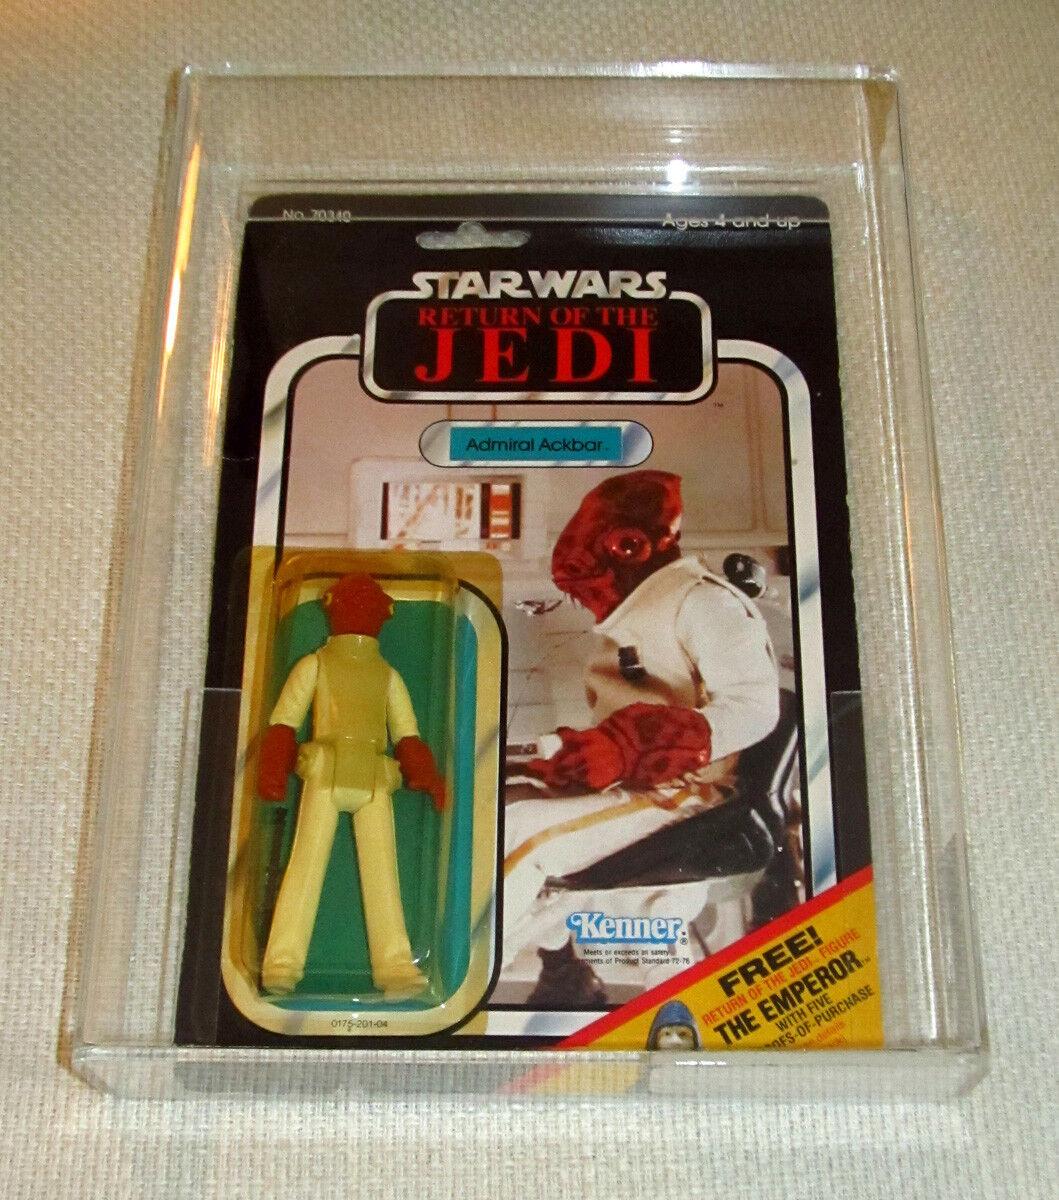 punto de venta Estrella Wars Admiral Ackbar  retorno de las Jedi Jedi Jedi  rojoj Kenner 1983 AFA 75  Tienda 2018